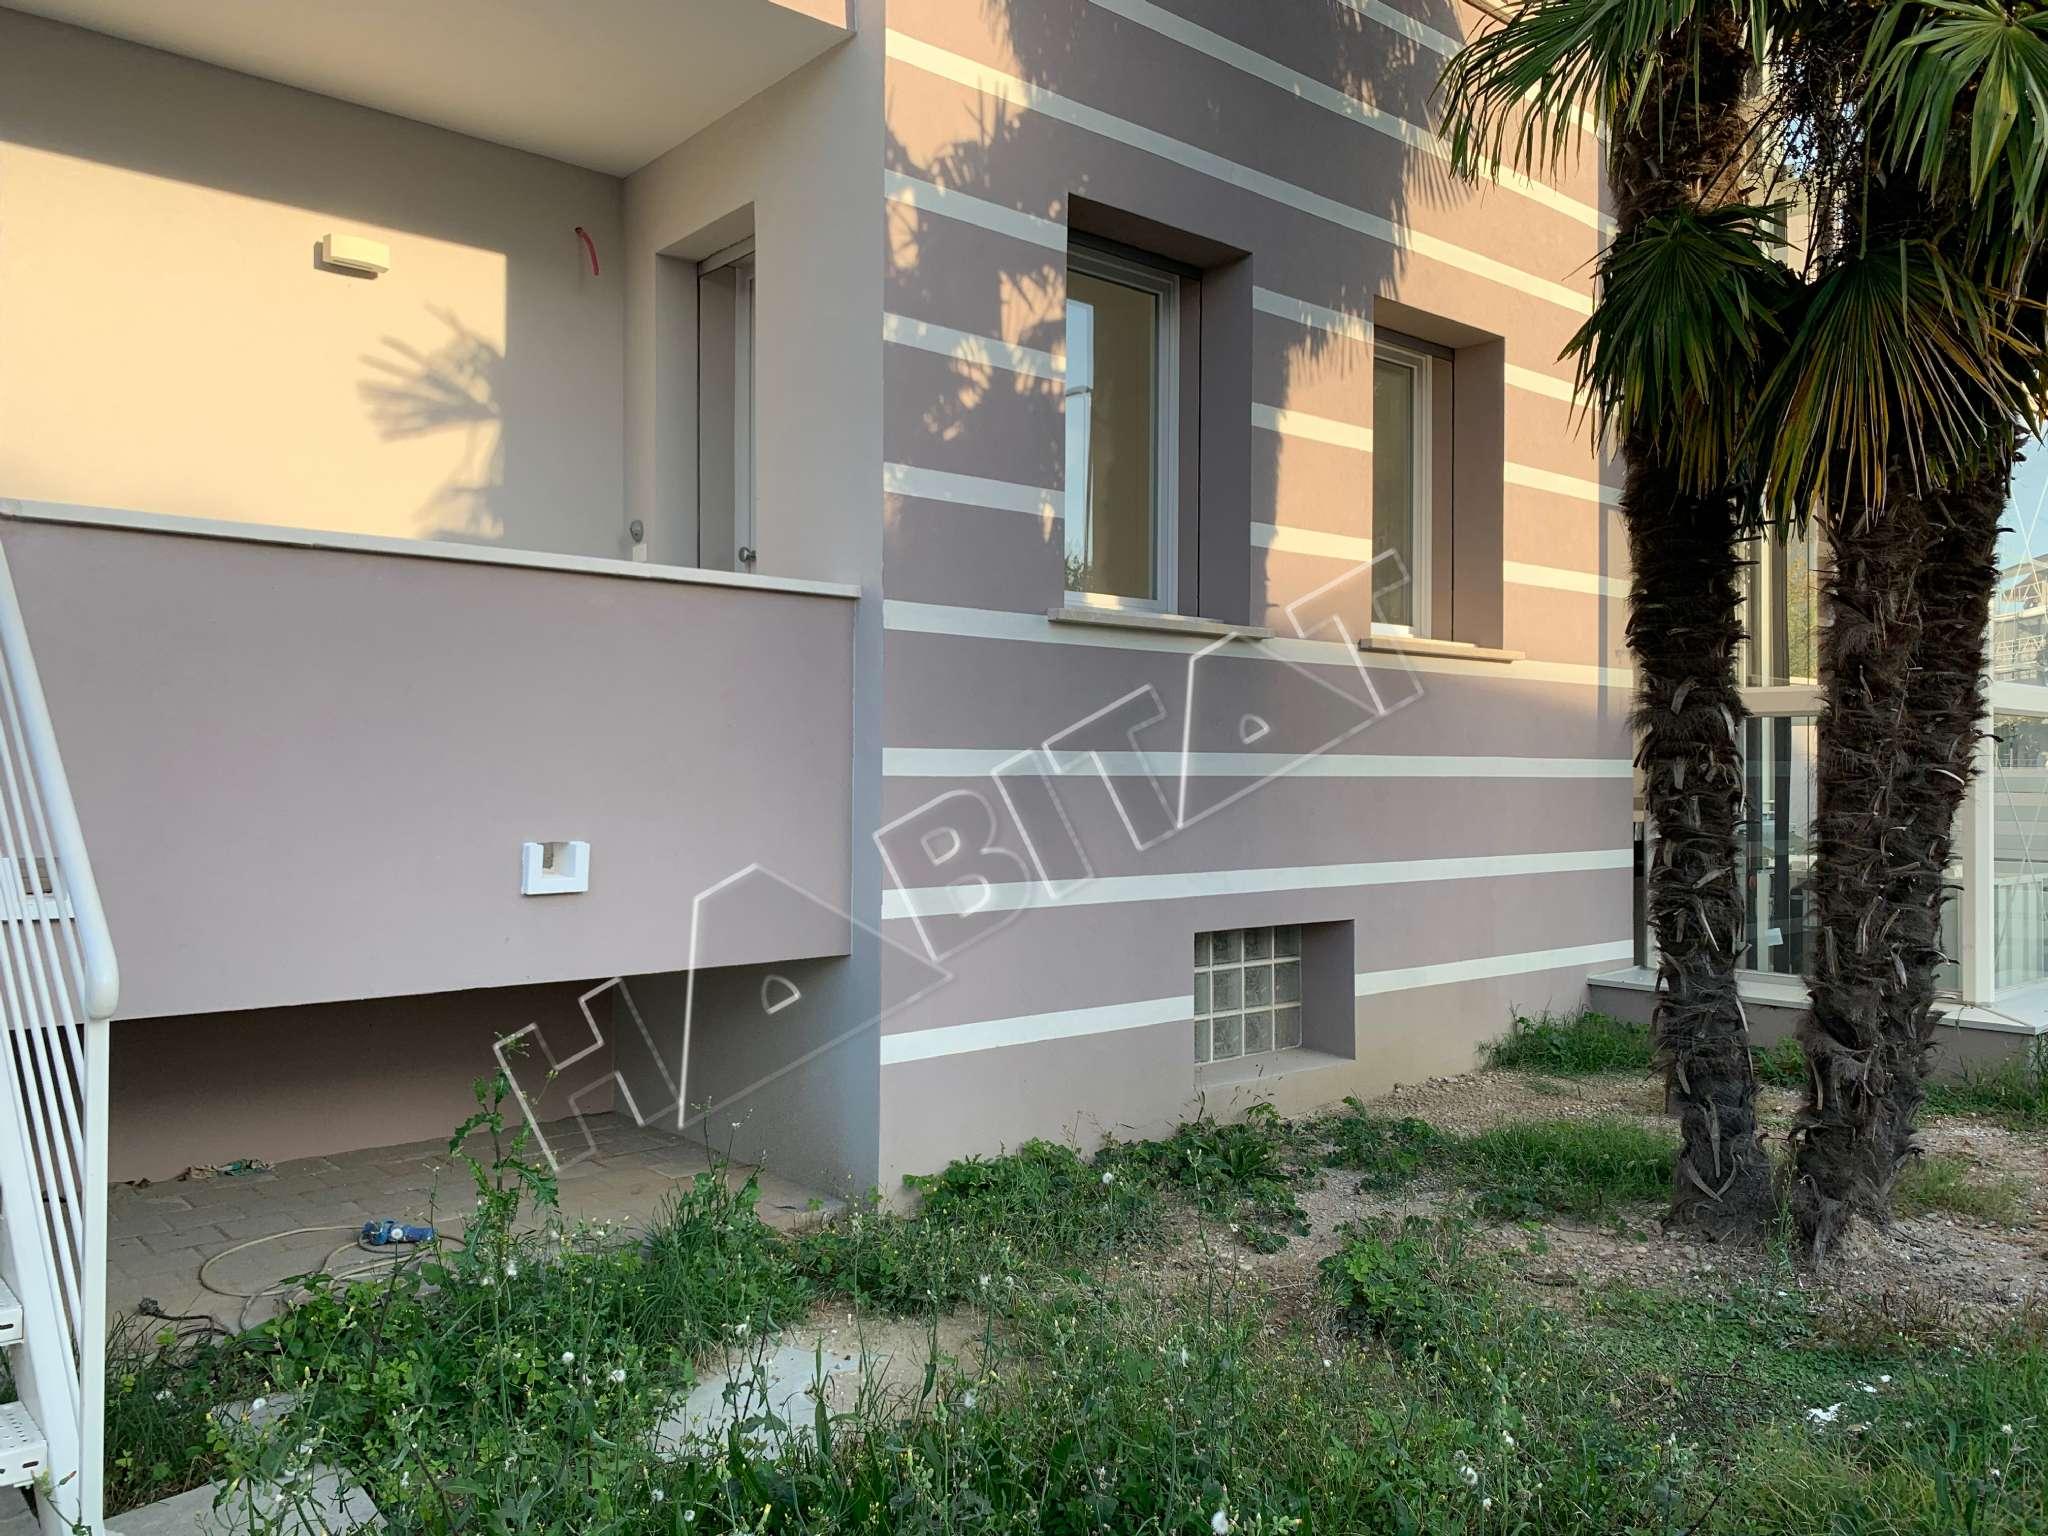 Appartamento in vendita a Albignasego, 4 locali, prezzo € 233.000 | PortaleAgenzieImmobiliari.it